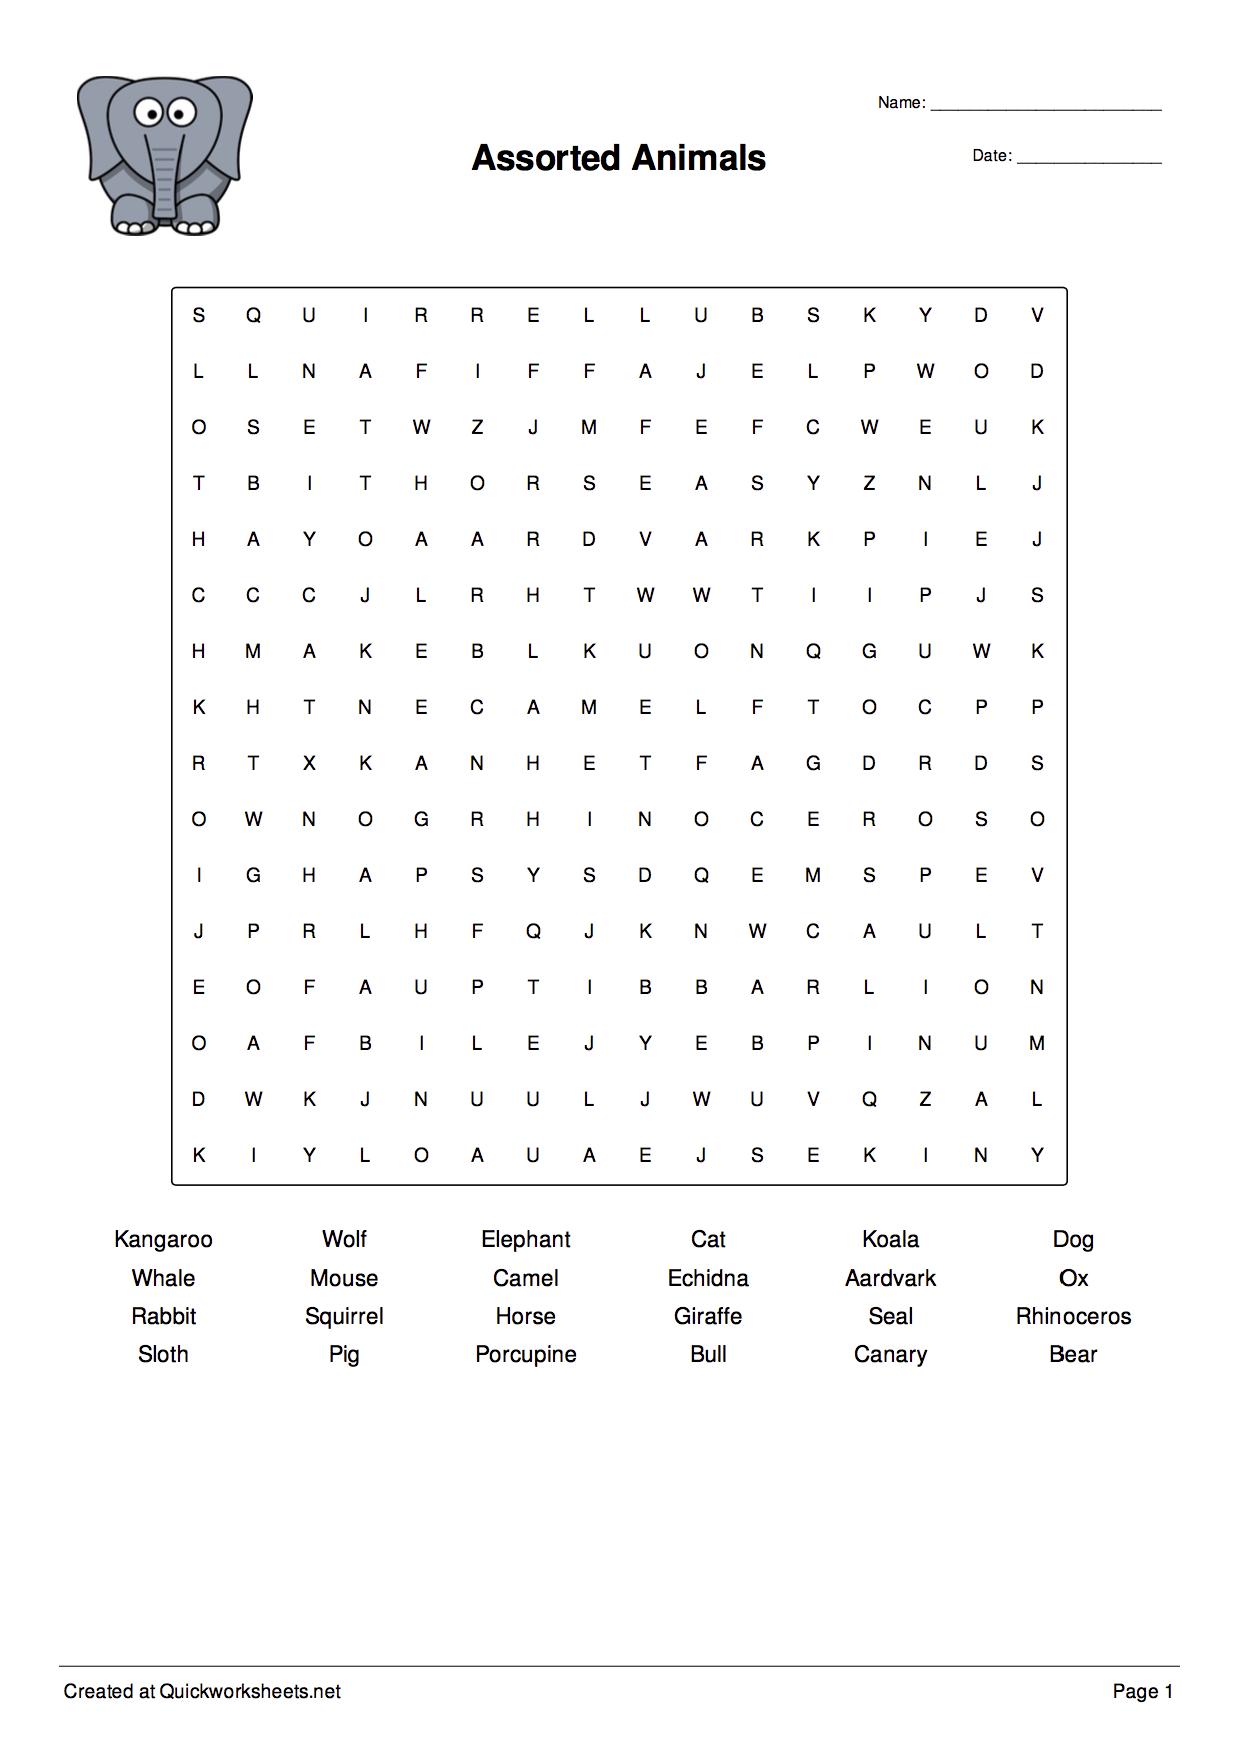 Word Scramble Wordsearch Crossword